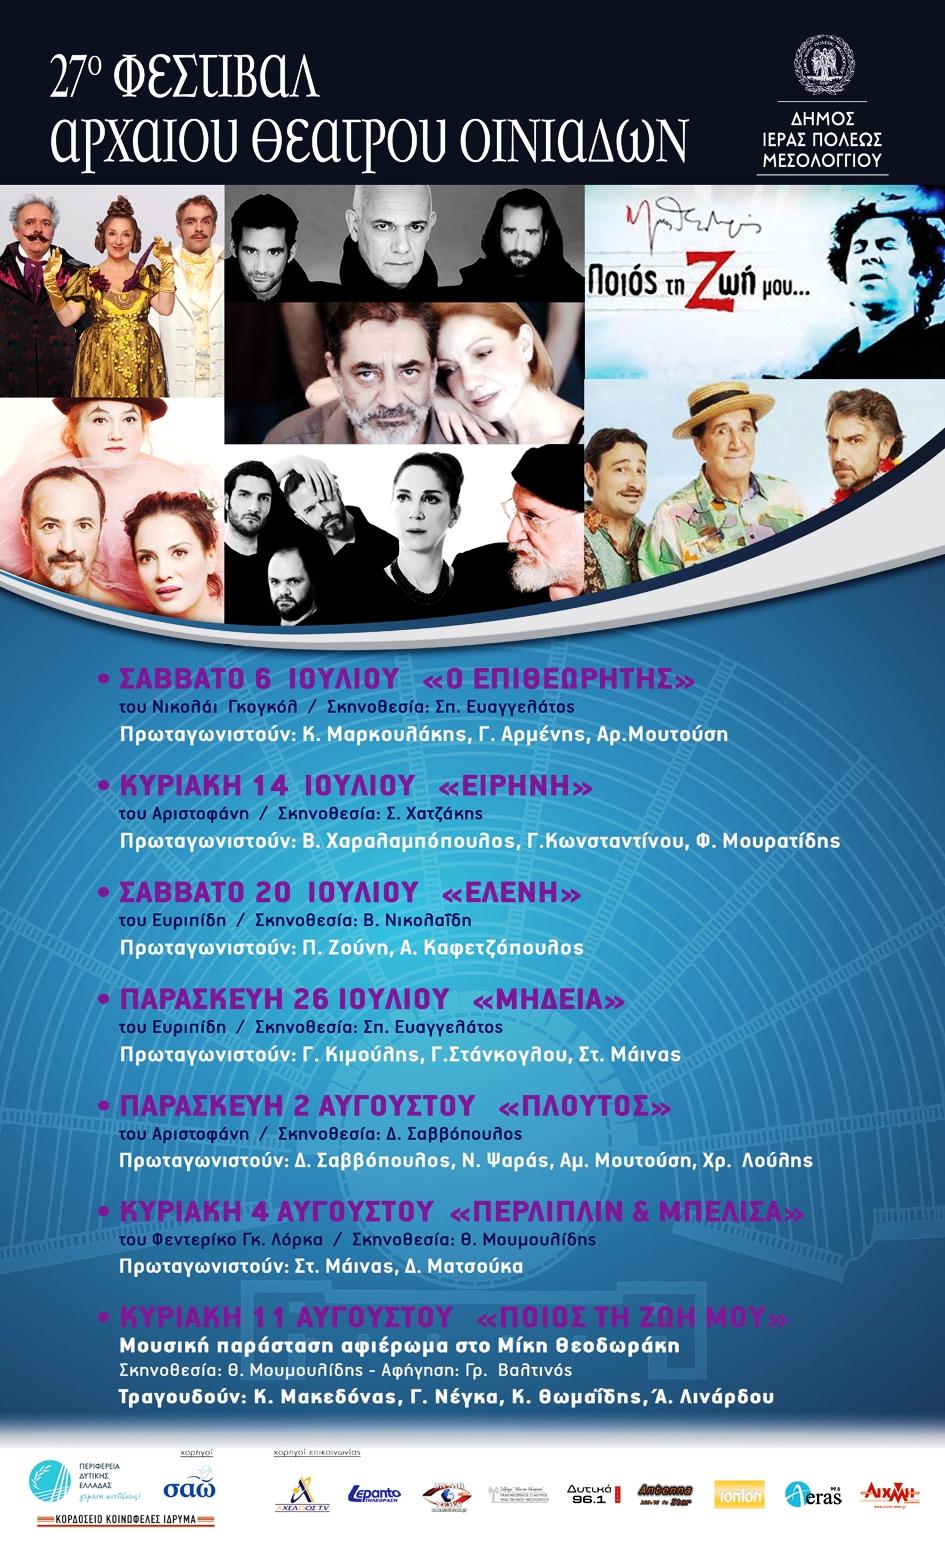 Χαιρετισμός Κατσούλη για το 27ο Φεστιβάλ Αρχαίου Θεάτρου Οινιαδών